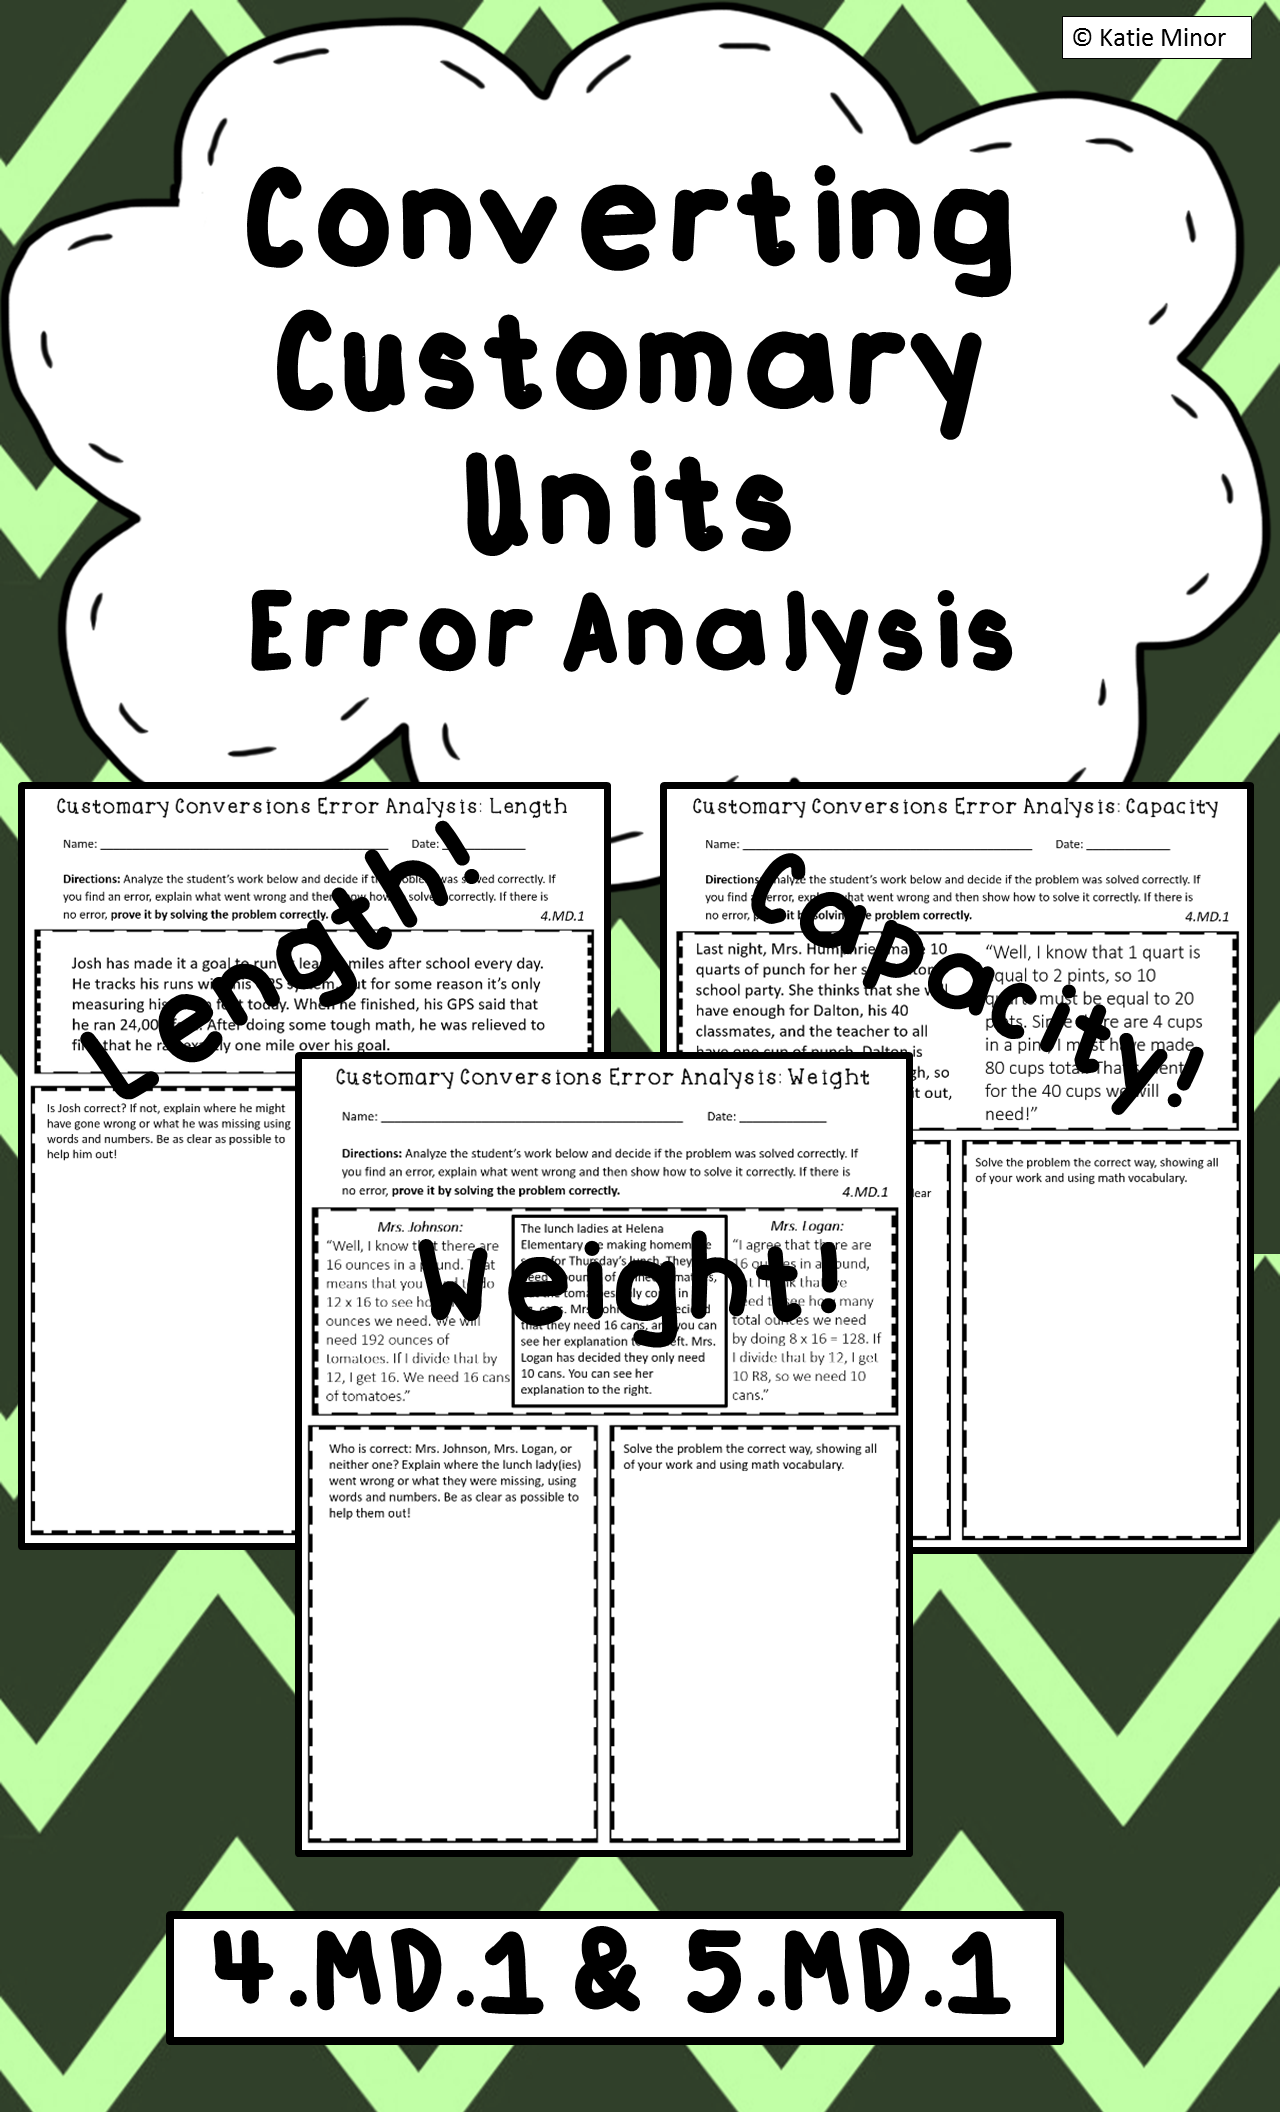 Converting Metric Units Of Measurement Errorysis 4